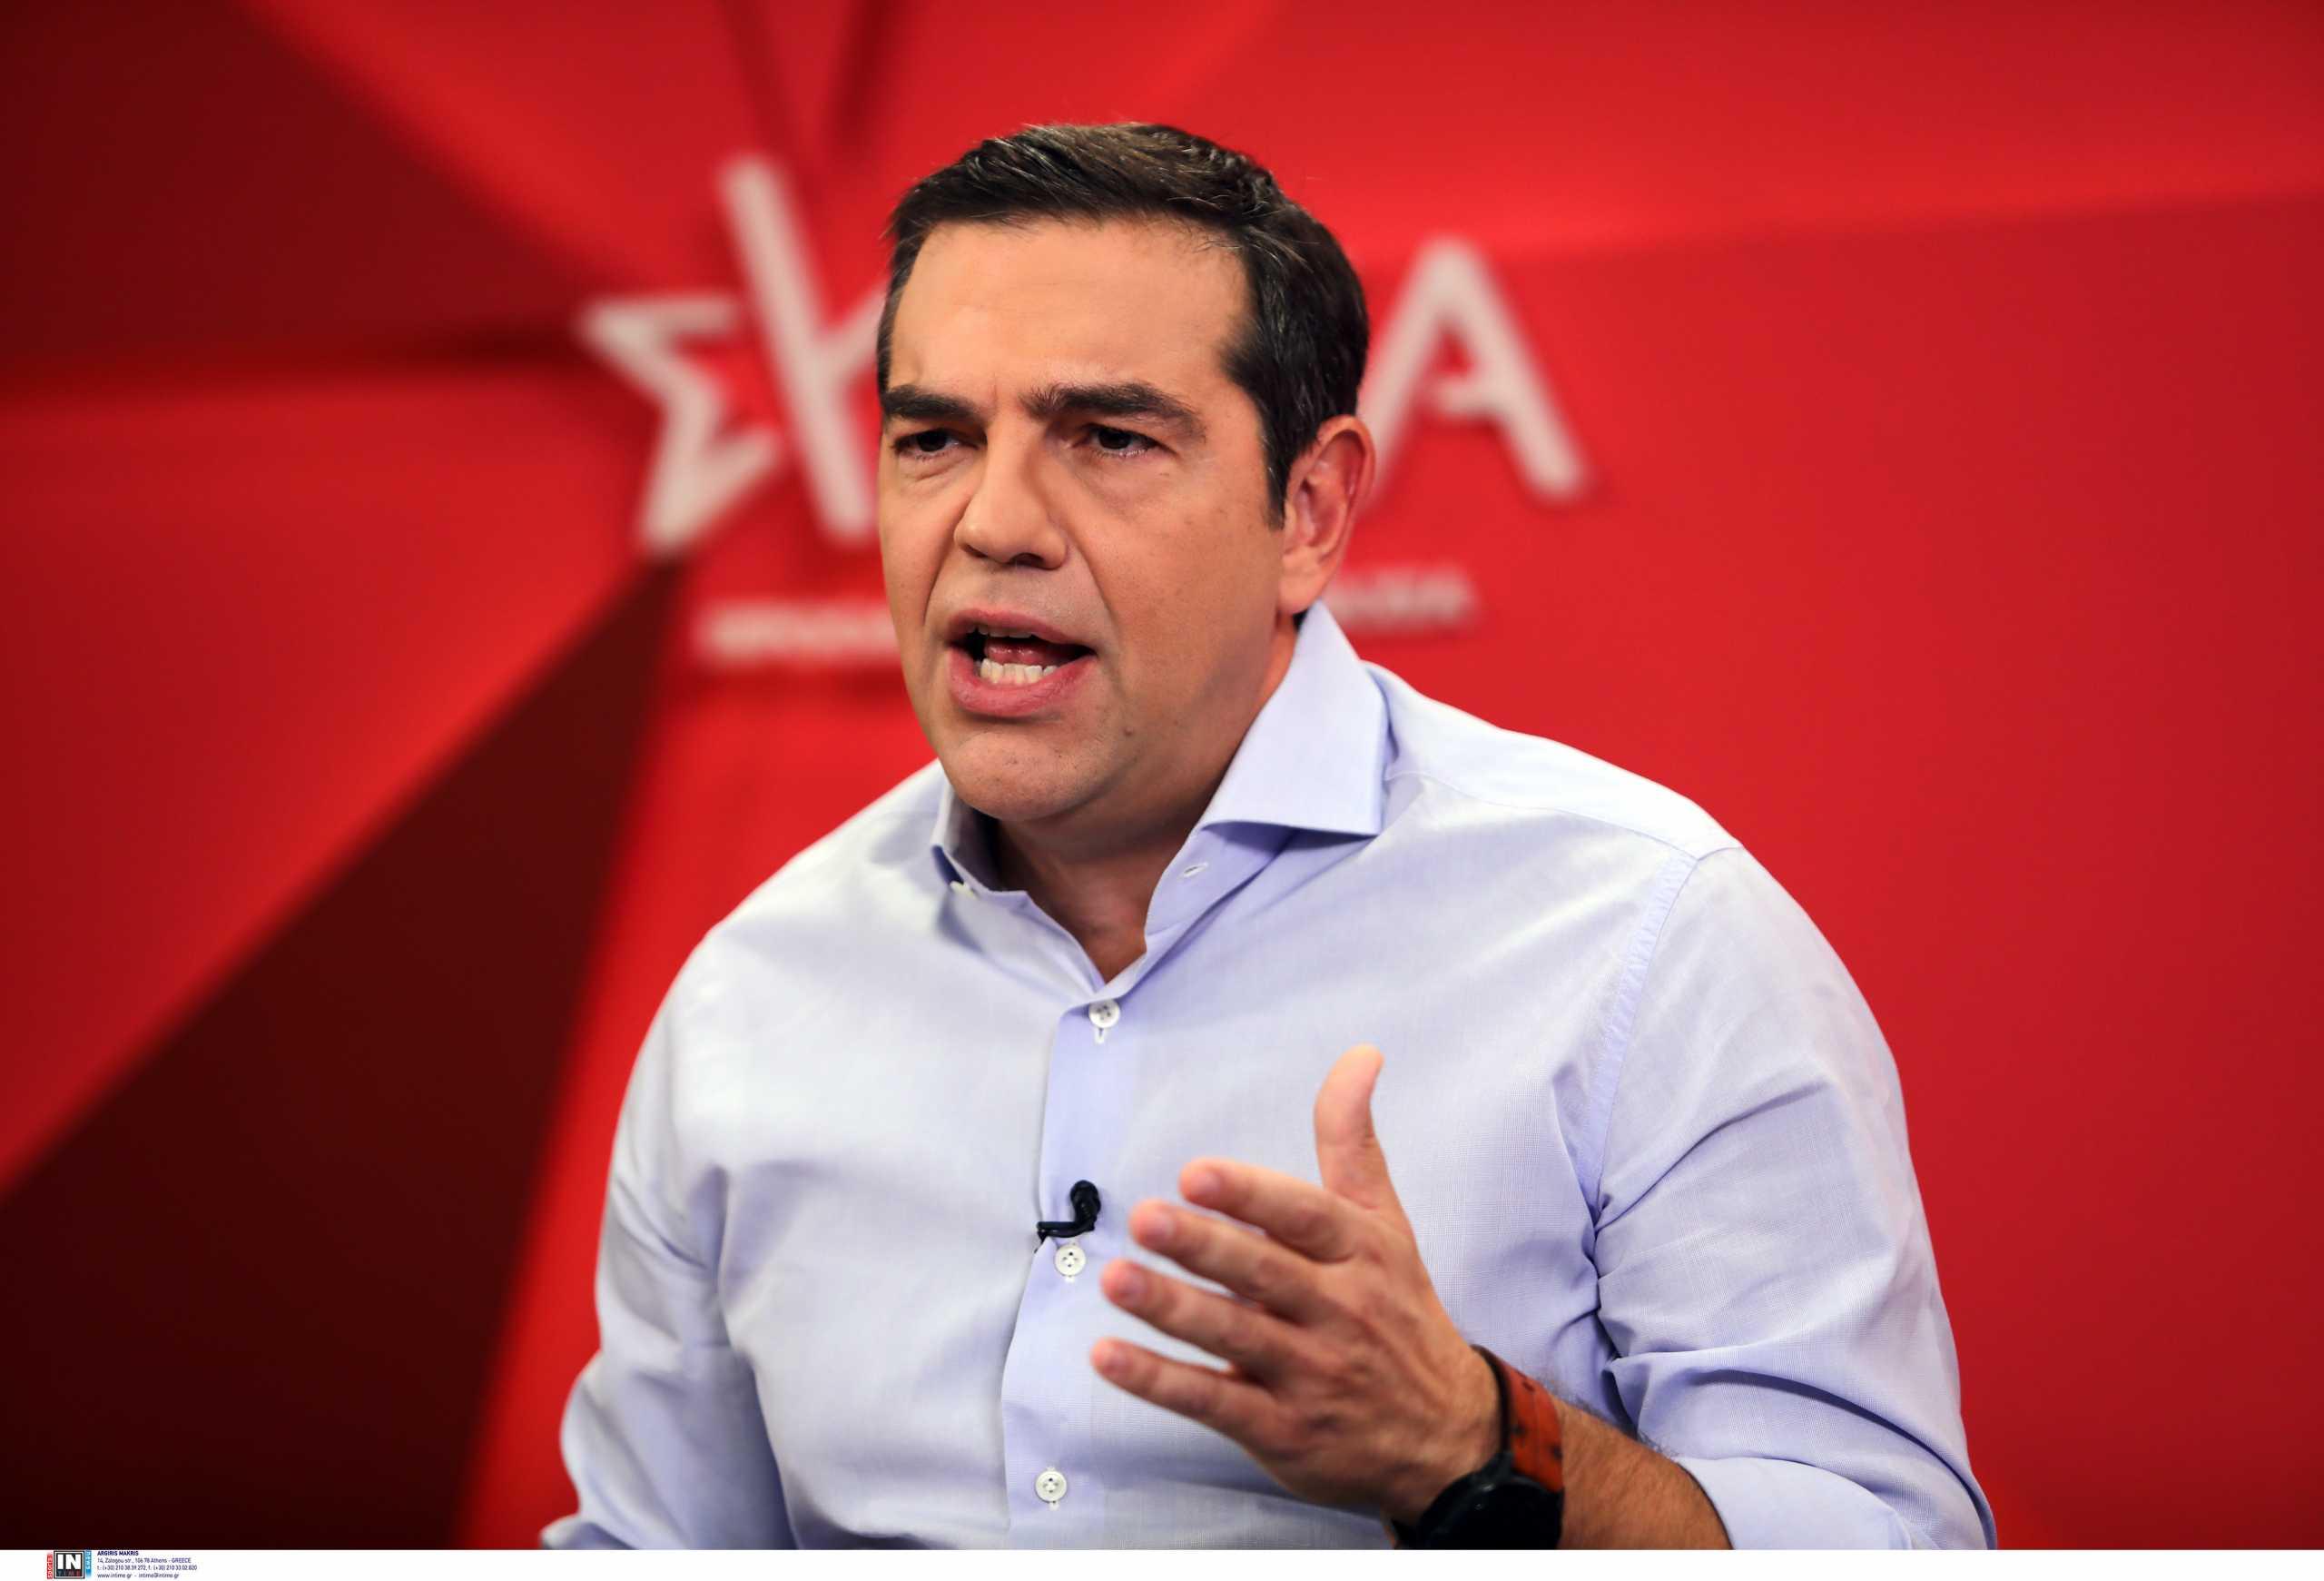 ΣΥΡΙΖΑ: Η συναίνεση δεν είναι δεδομένη ούτε επ' αόριστον